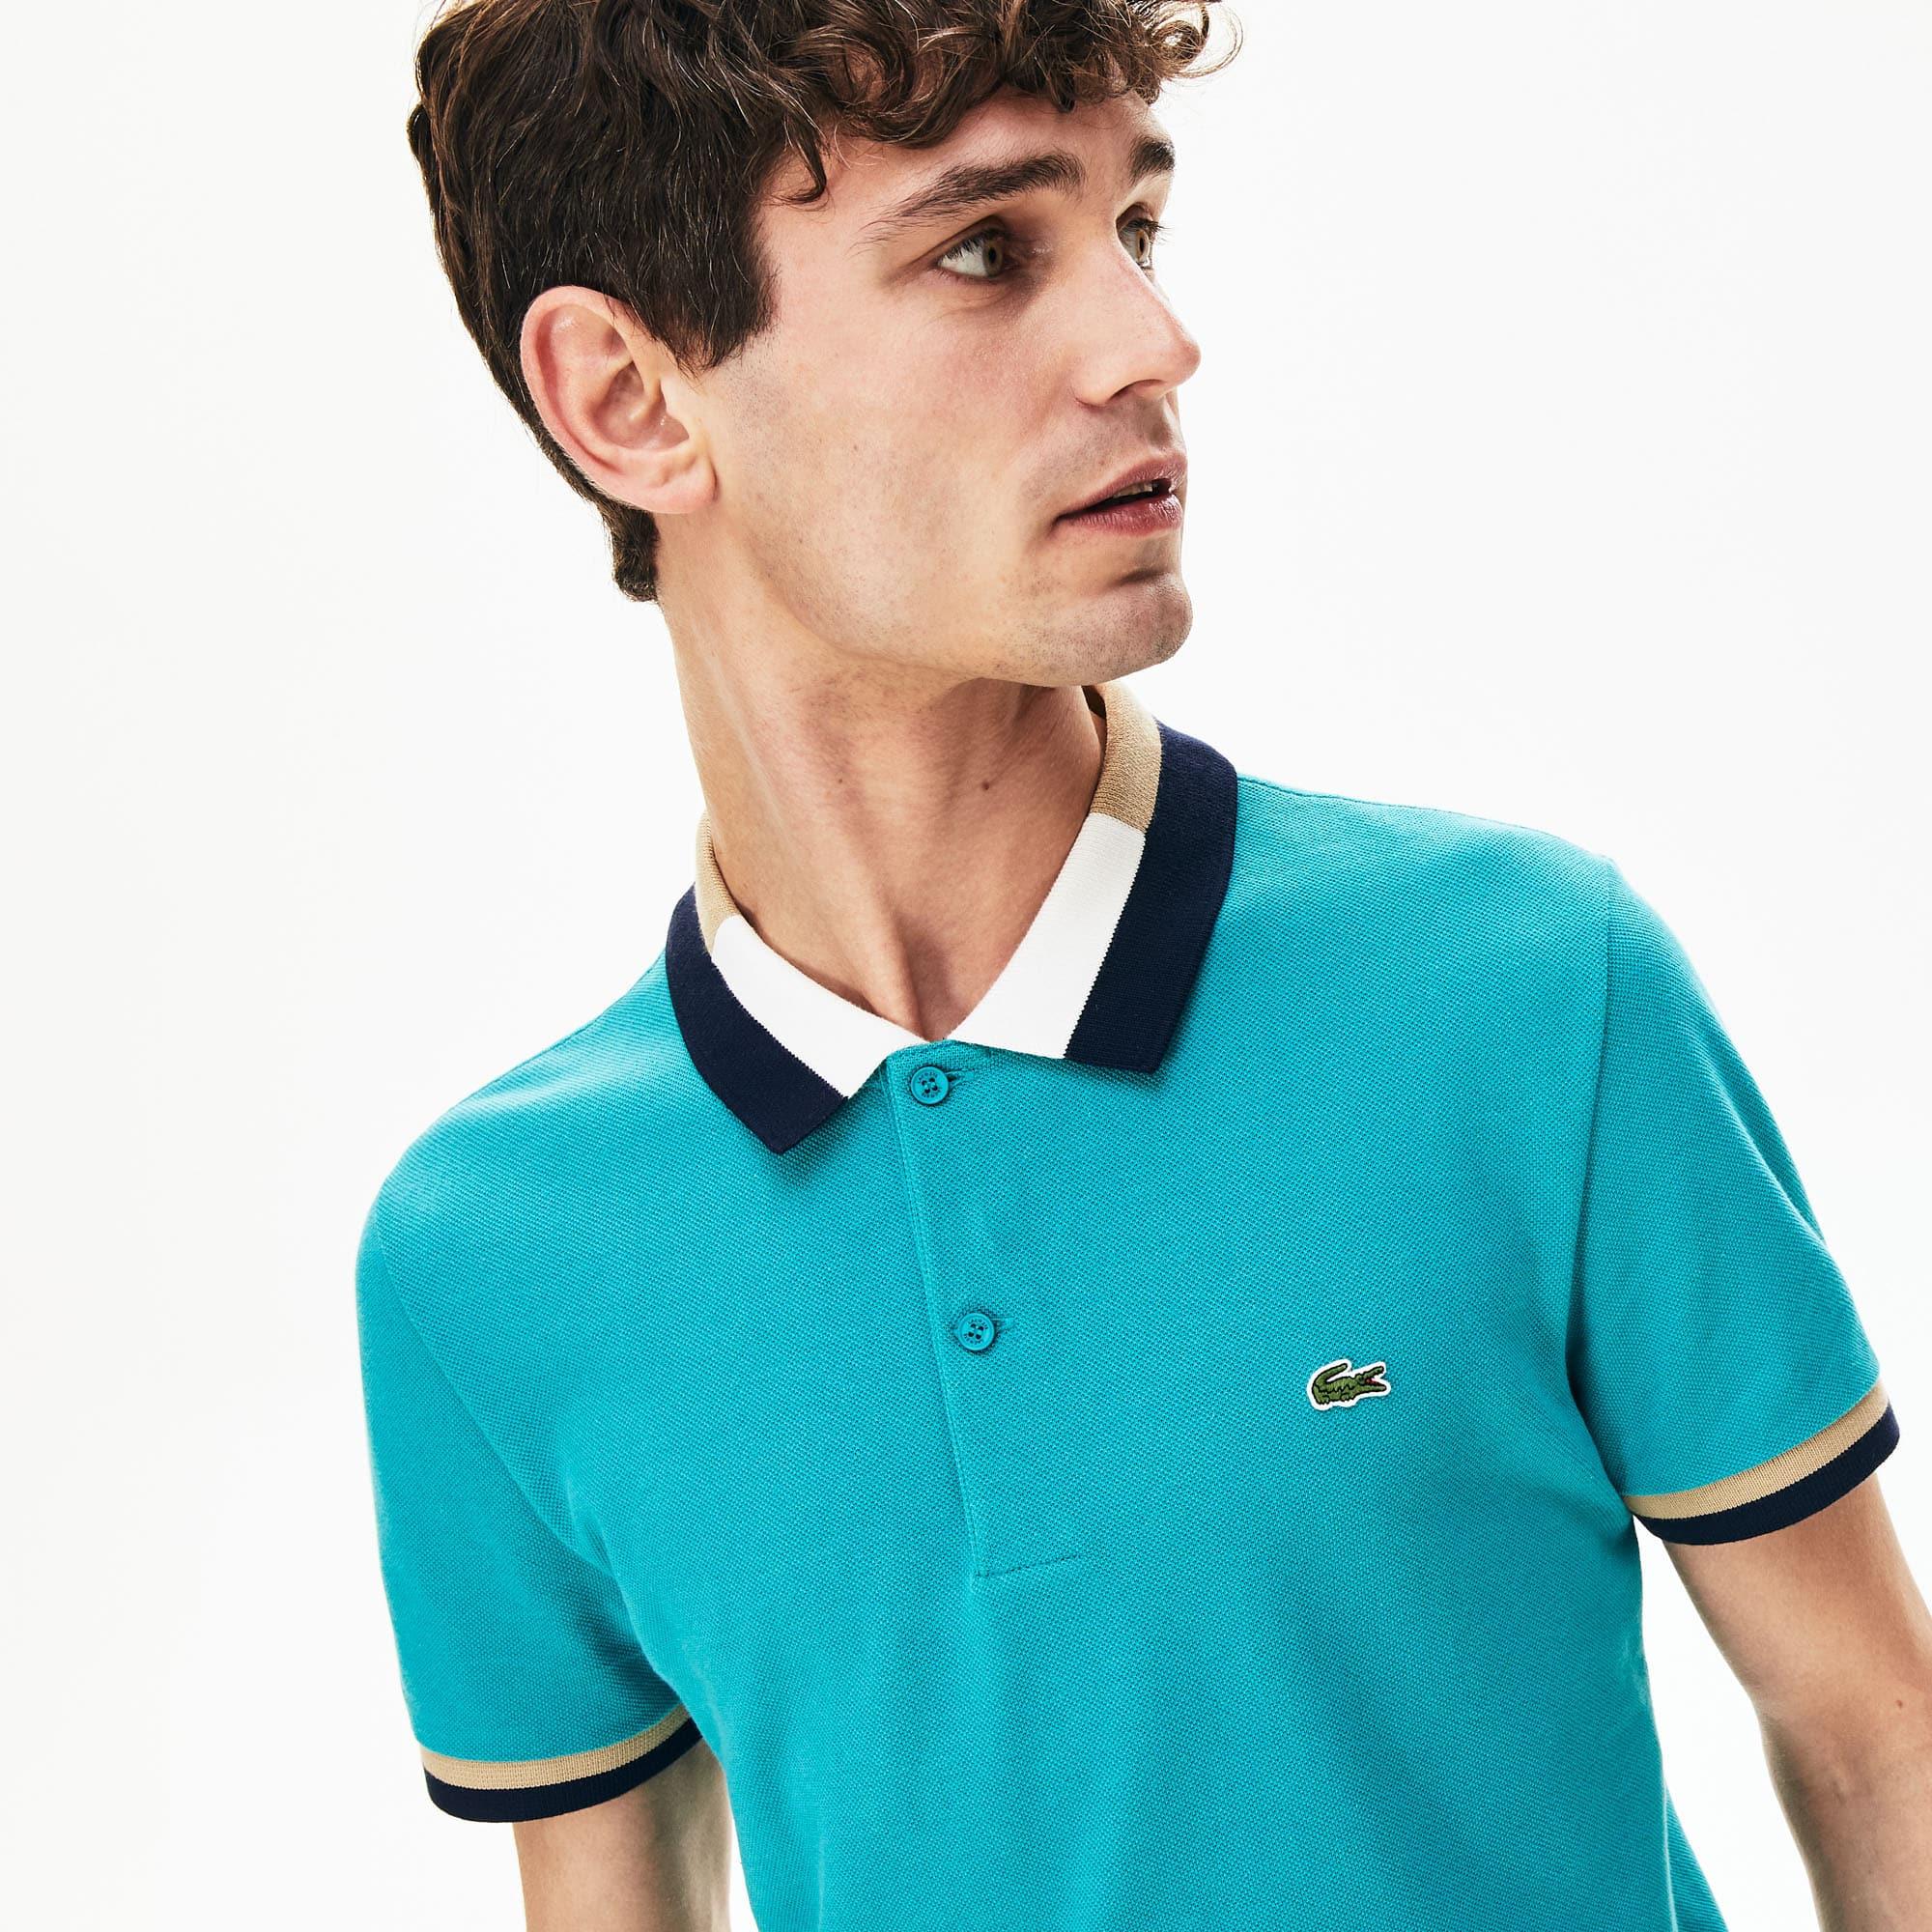 Men's Lacoste Slim fit Contrast Cotton Polo Shirt